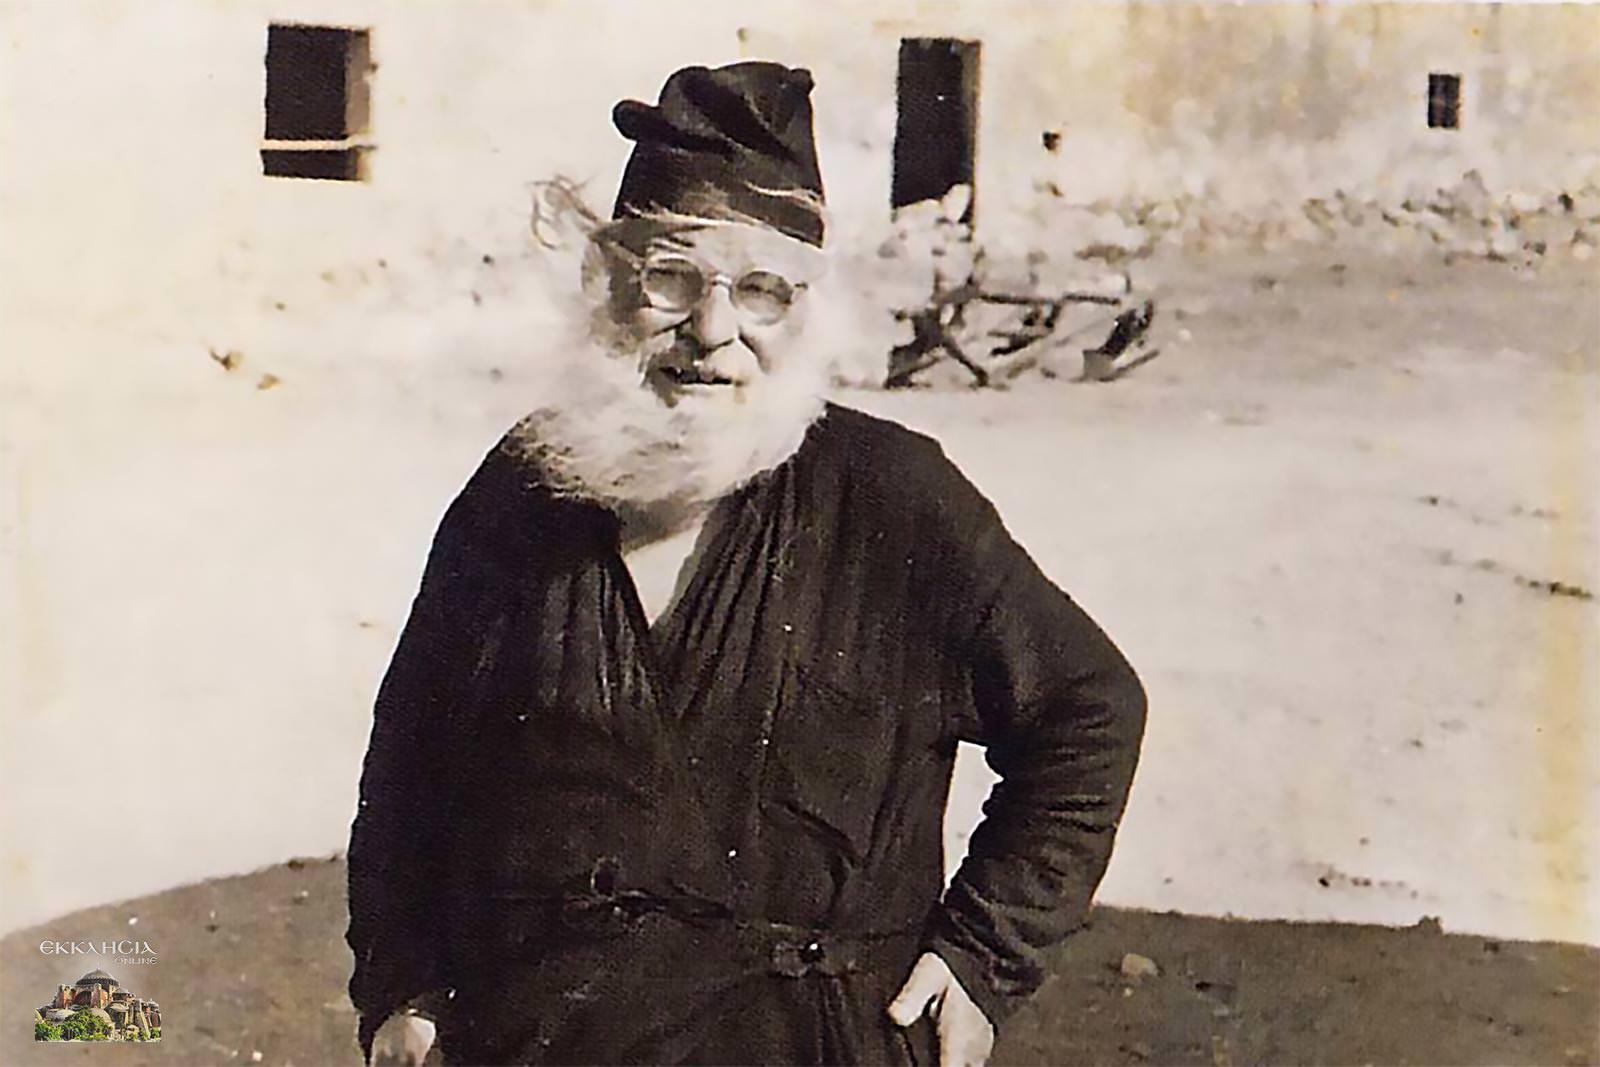 Ιερέας Λεπρών Σπιναλόγκα Χρύσανθος Κατσουλογιαννάκης